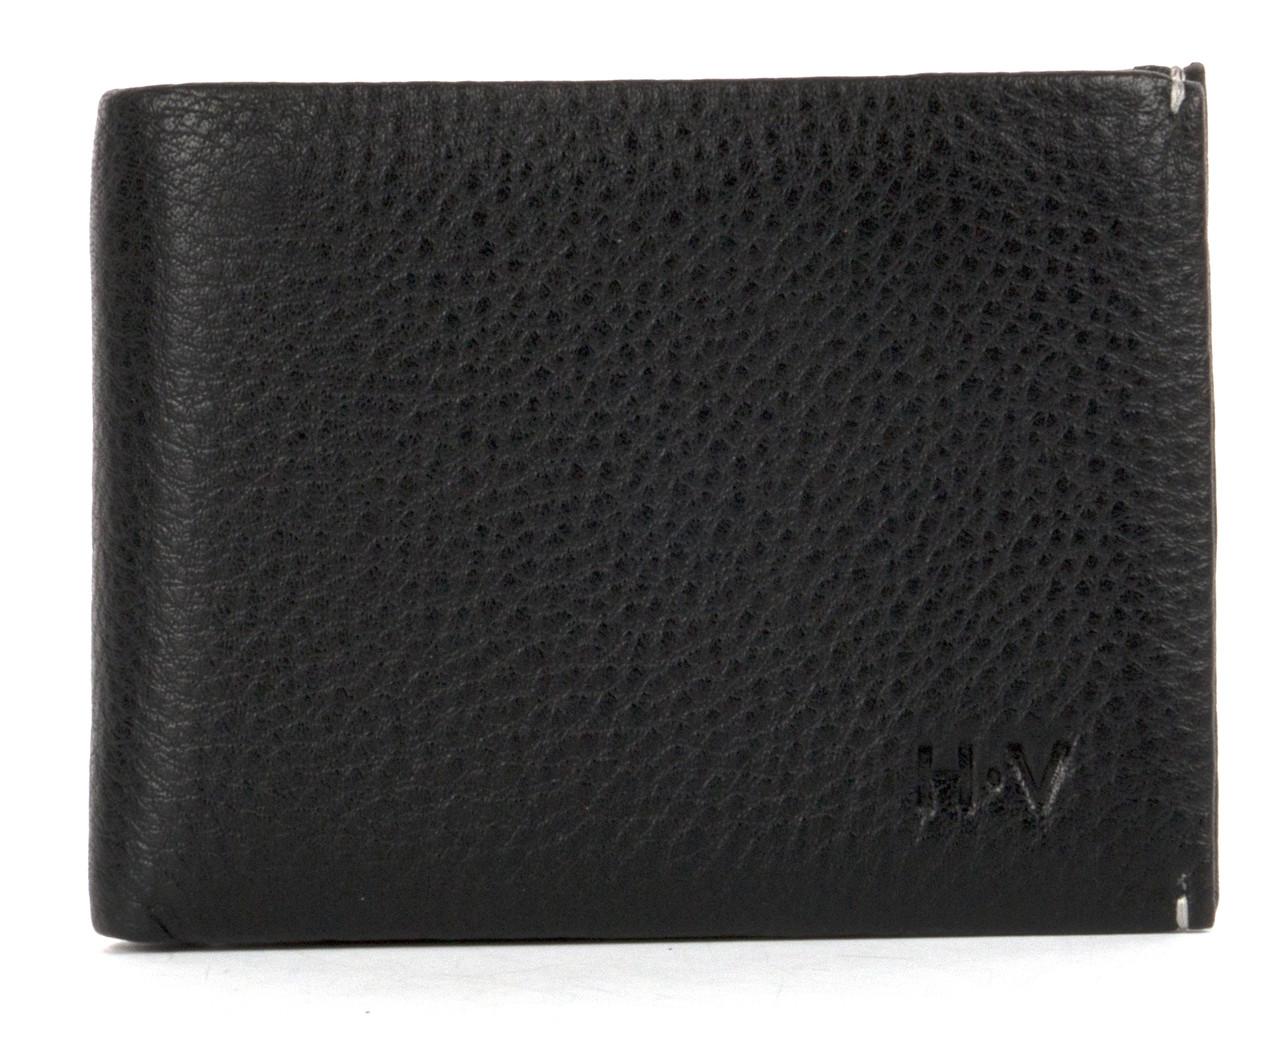 Мужской кожаный прочный стильный кошелек зажим H.Verde art. A071